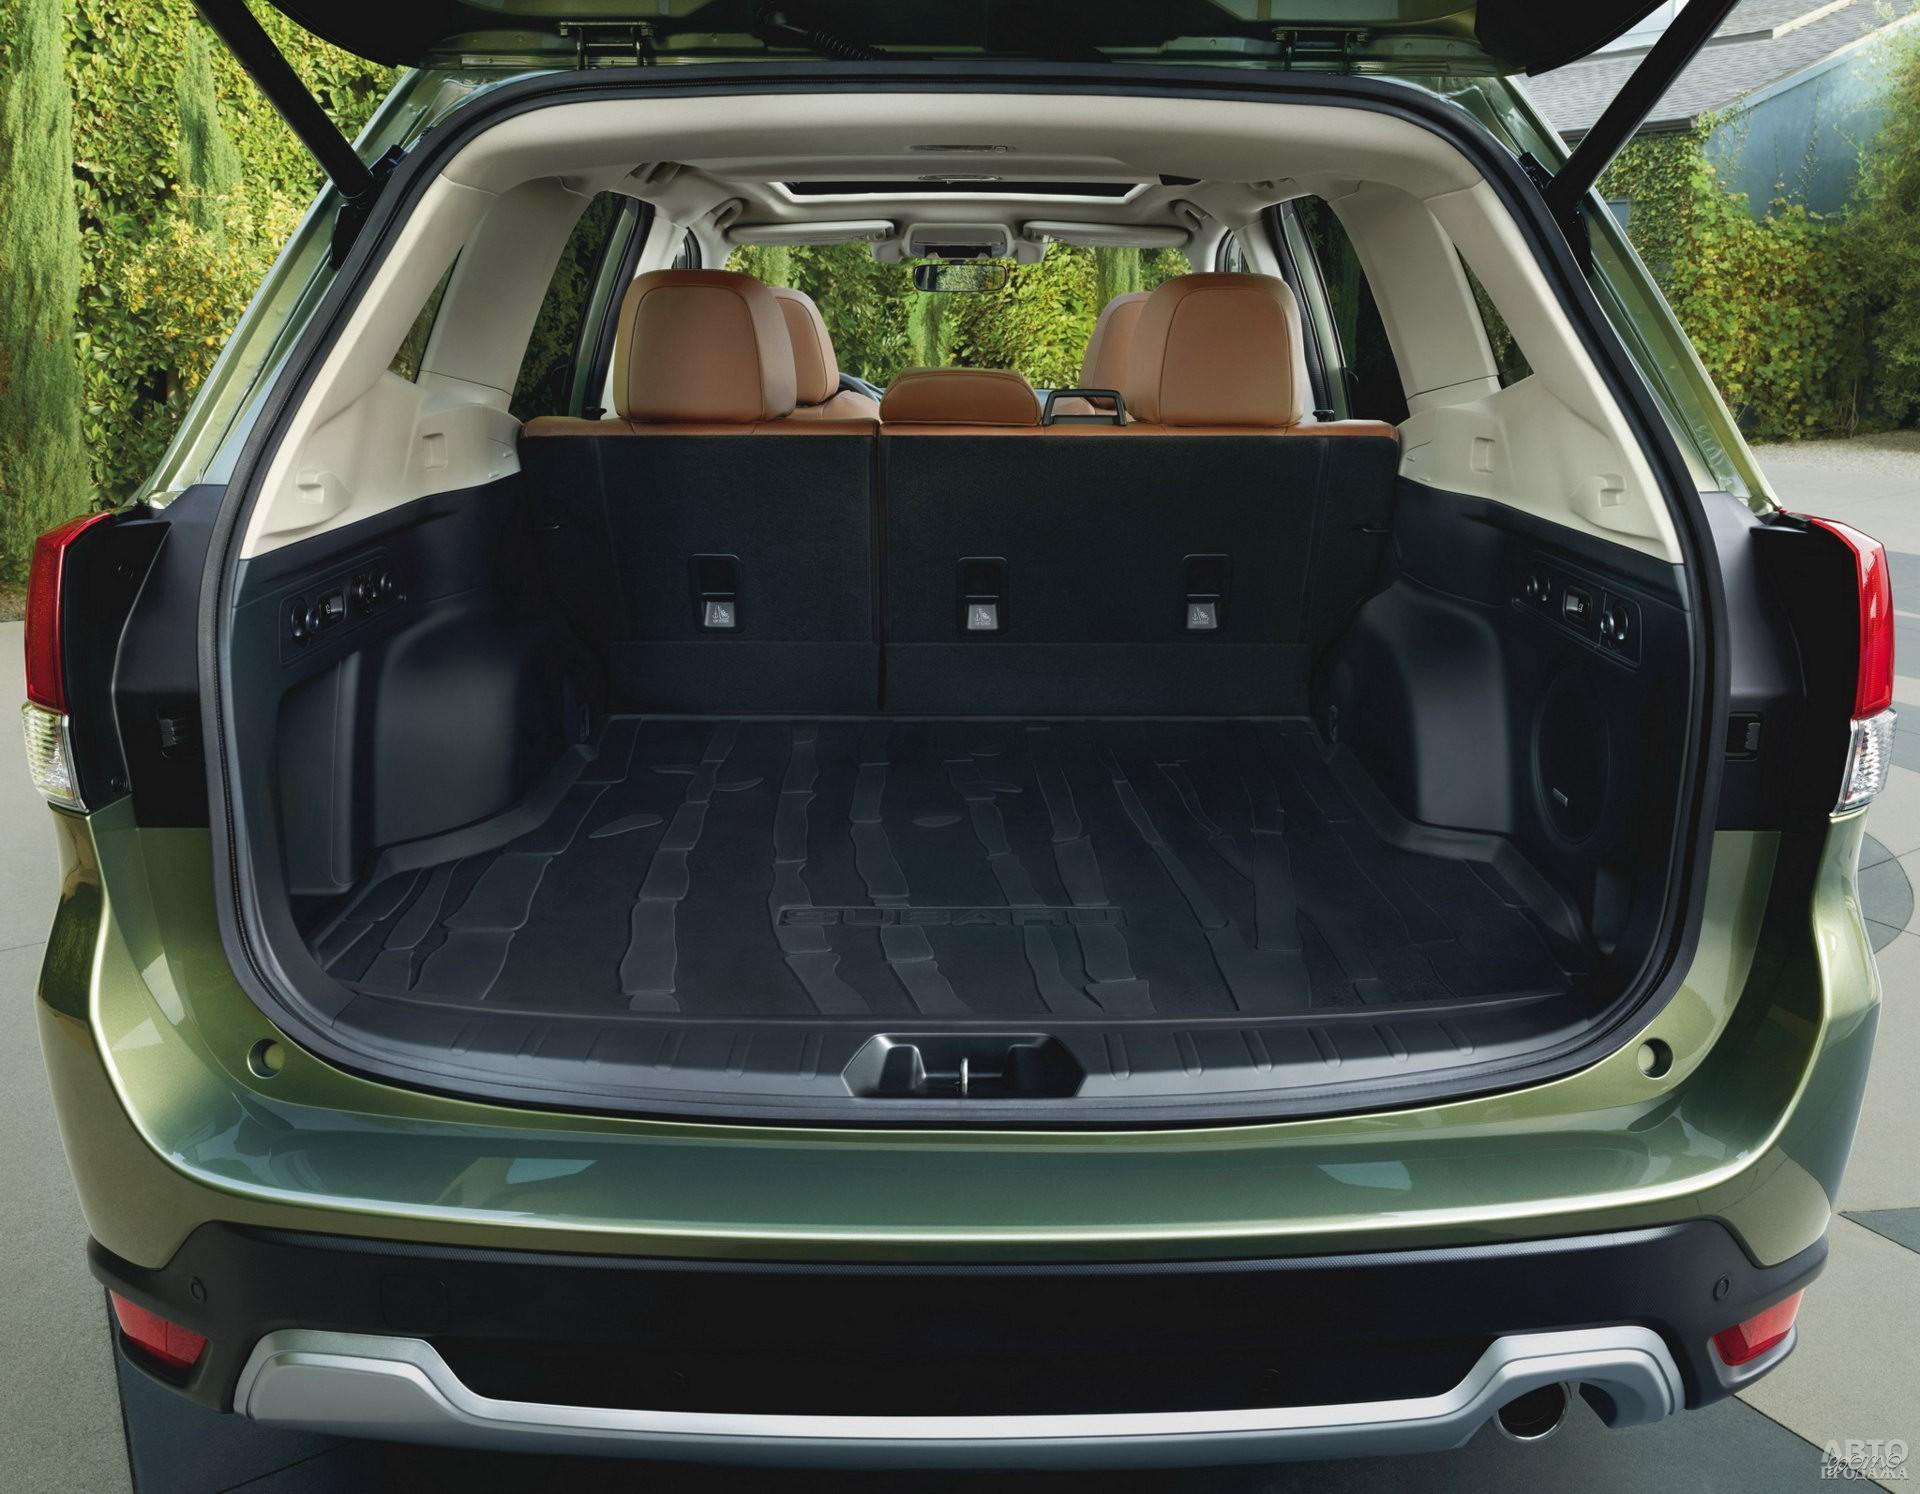 У Subaru в распоряжении – 505 л